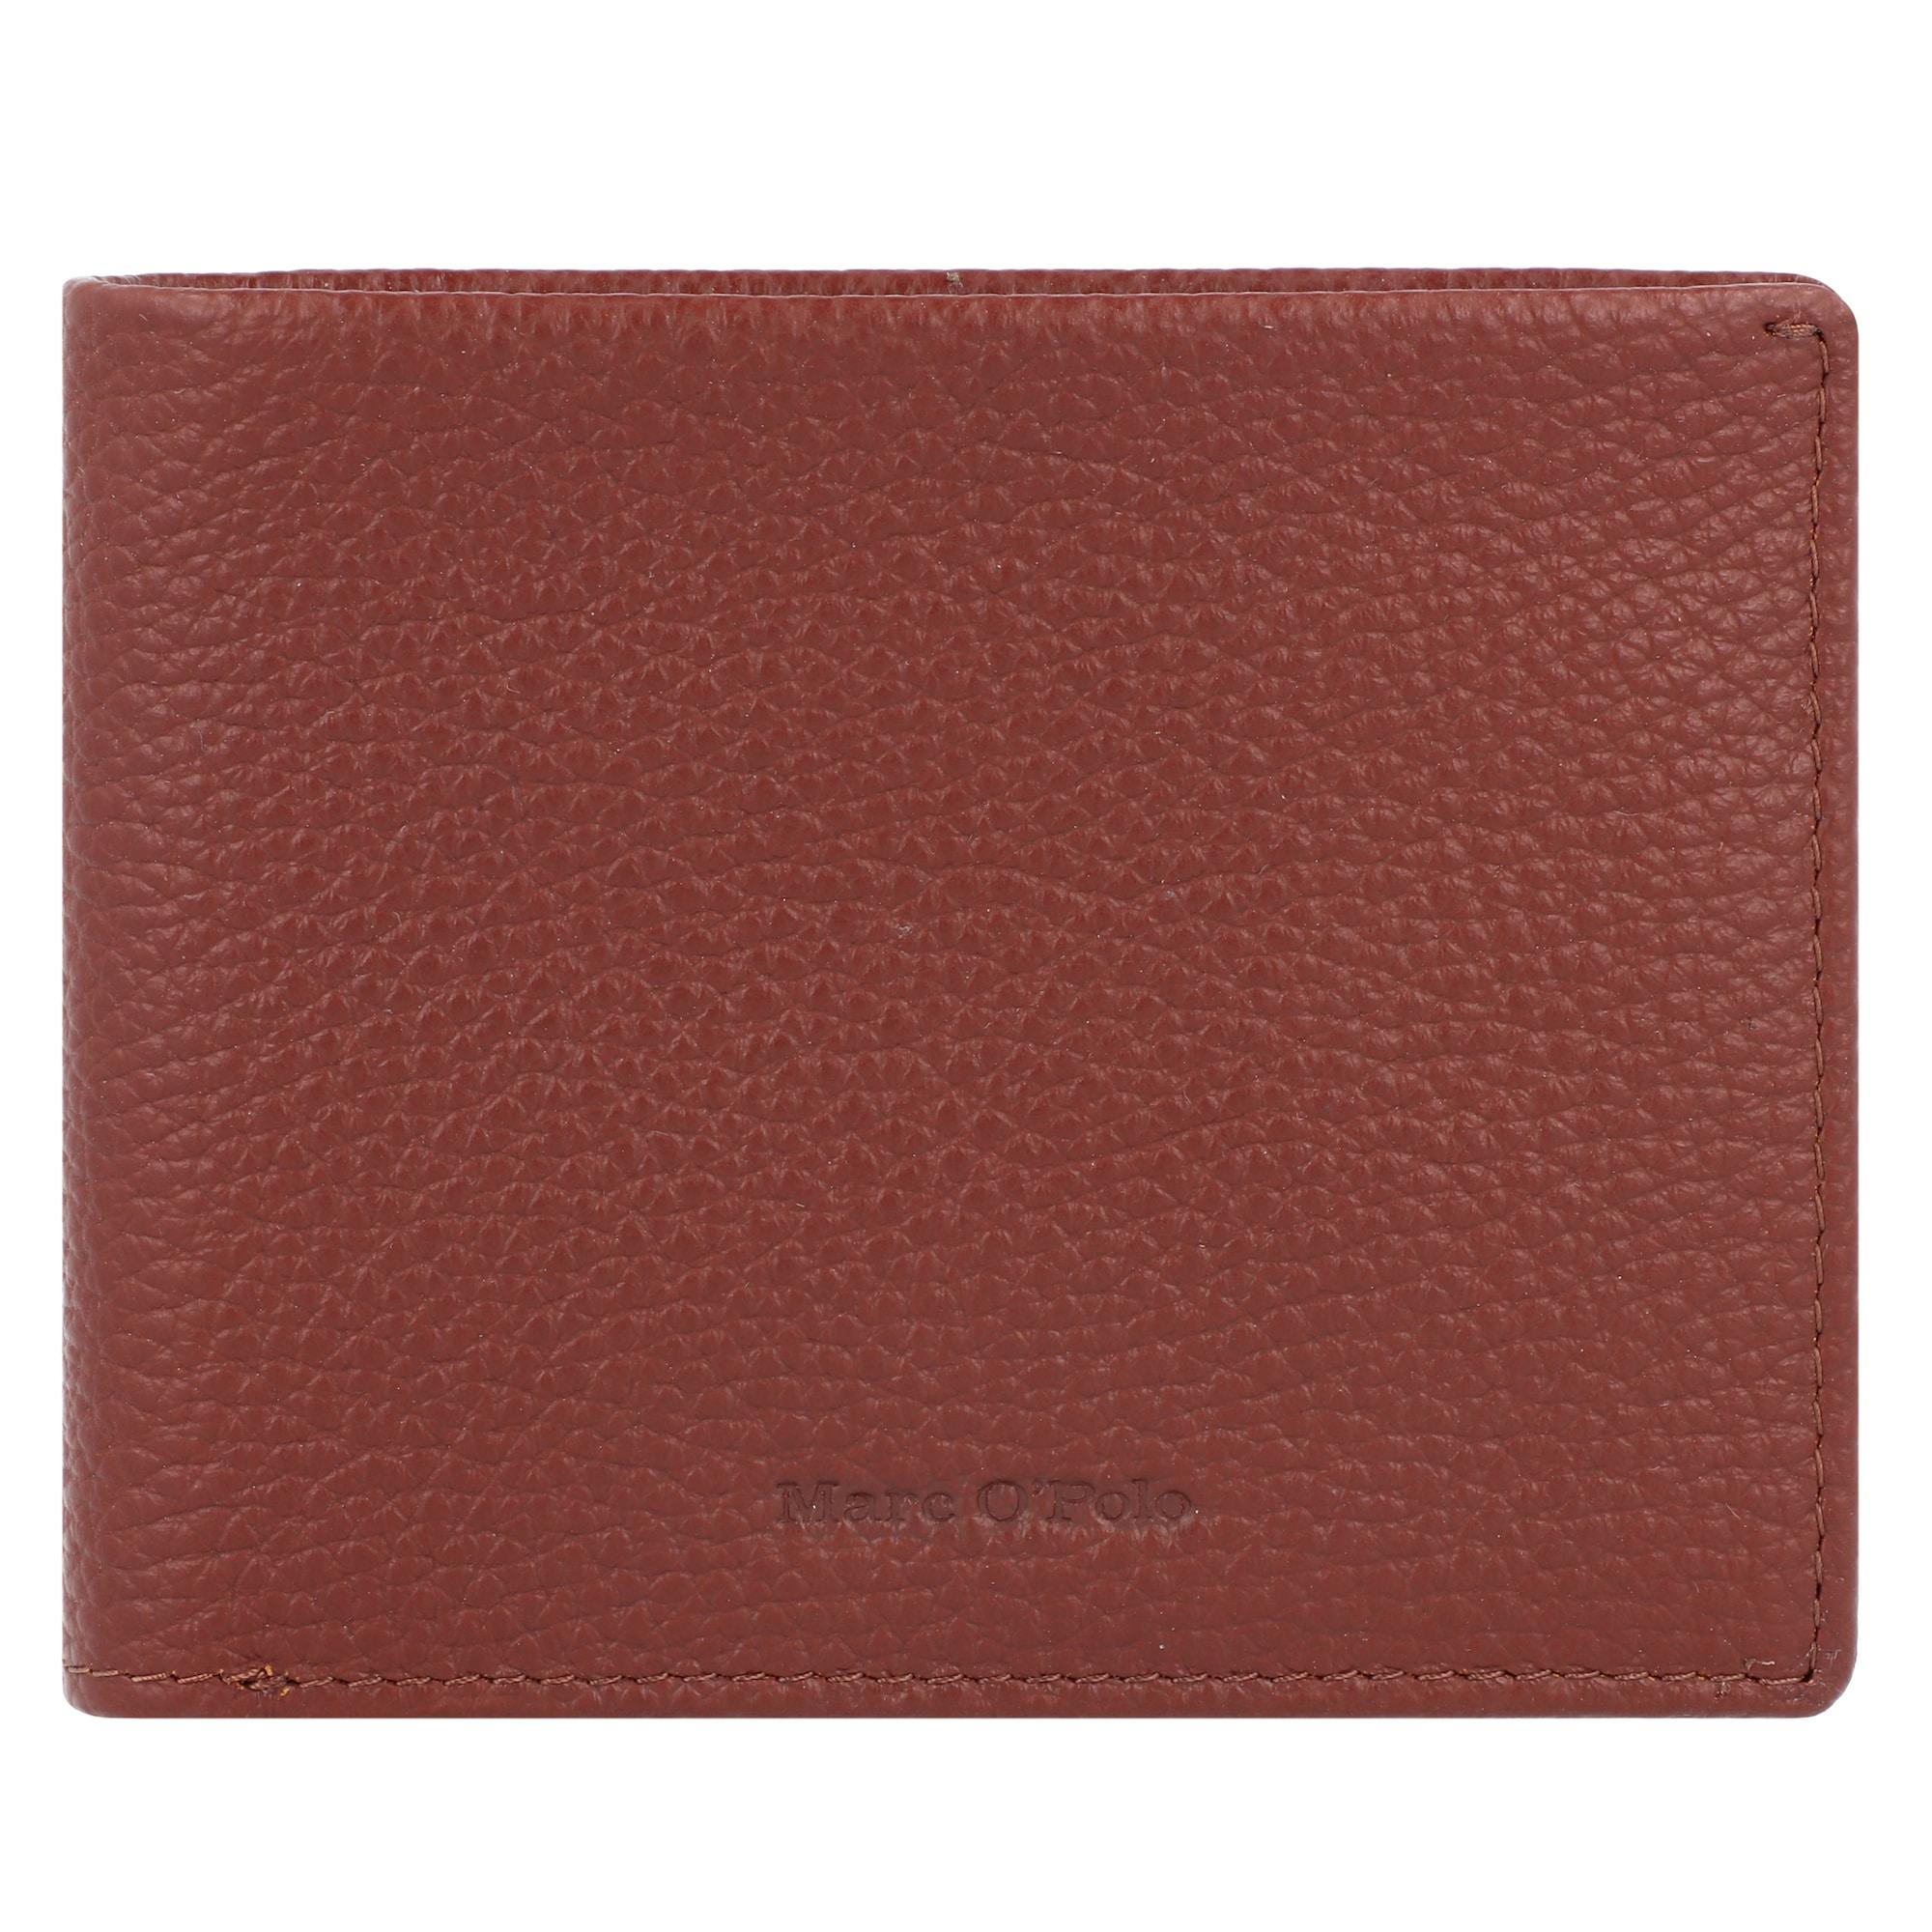 Portemonnaie | Accessoires > Portemonnaies > Sonstige Portemonnaies | Marc O'Polo